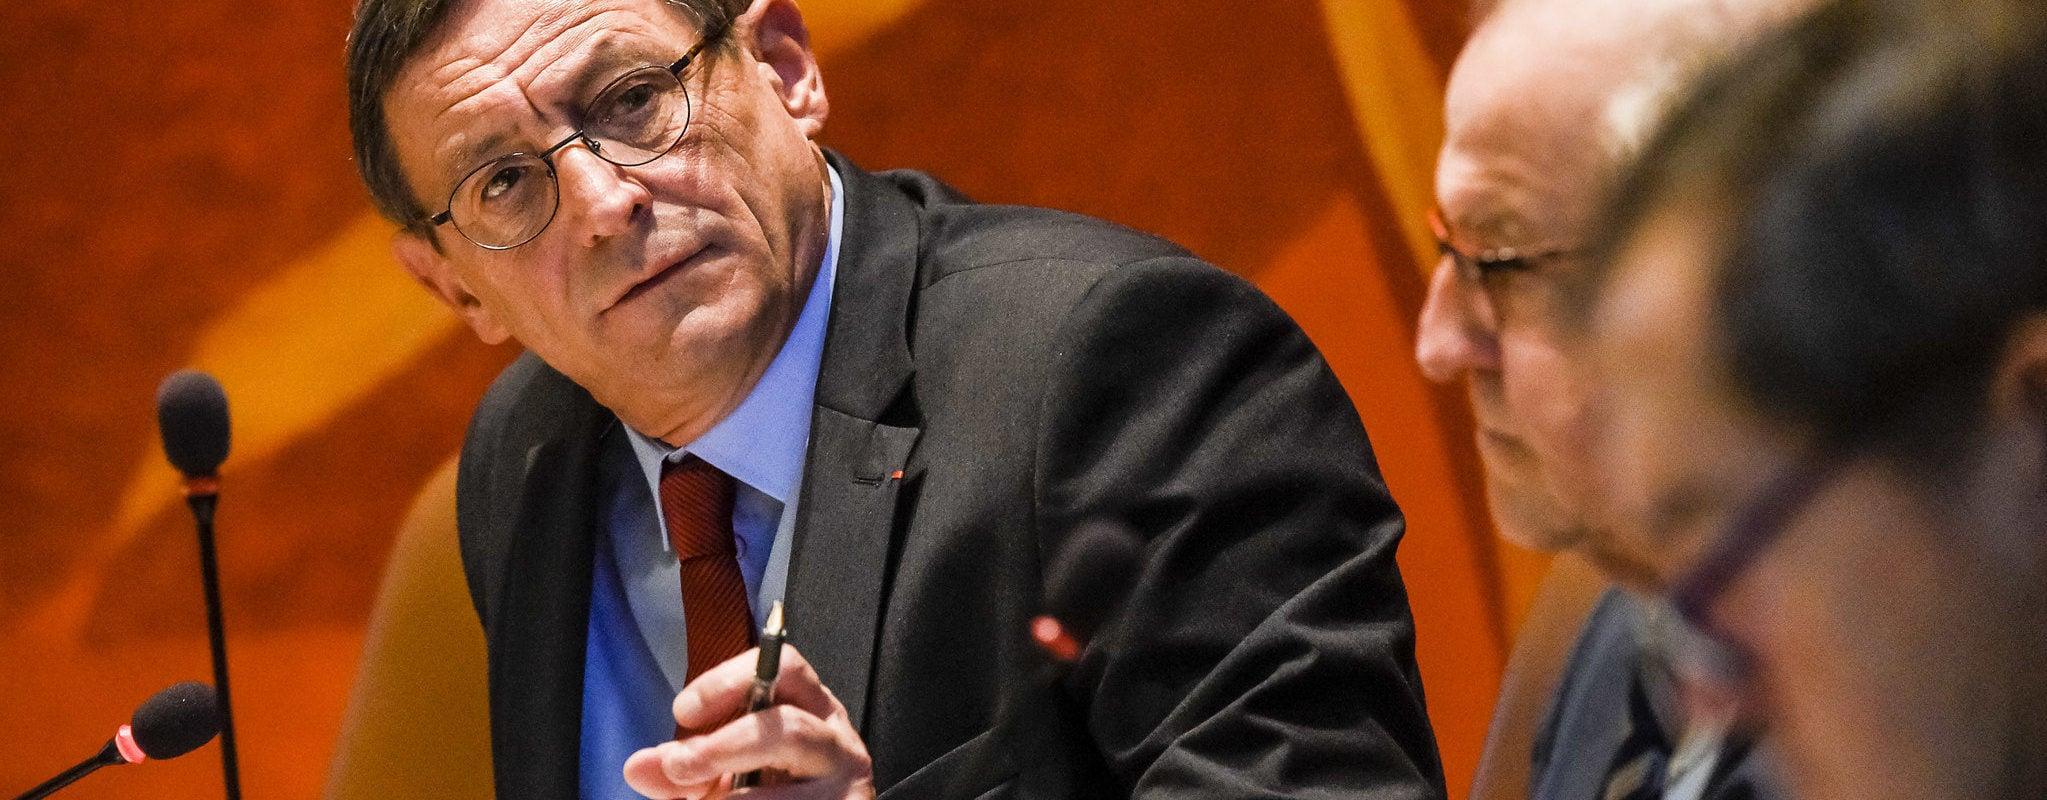 Usine d'incinération: Robert Herrmann soutient Sénerval malgré les dysfonctionnements